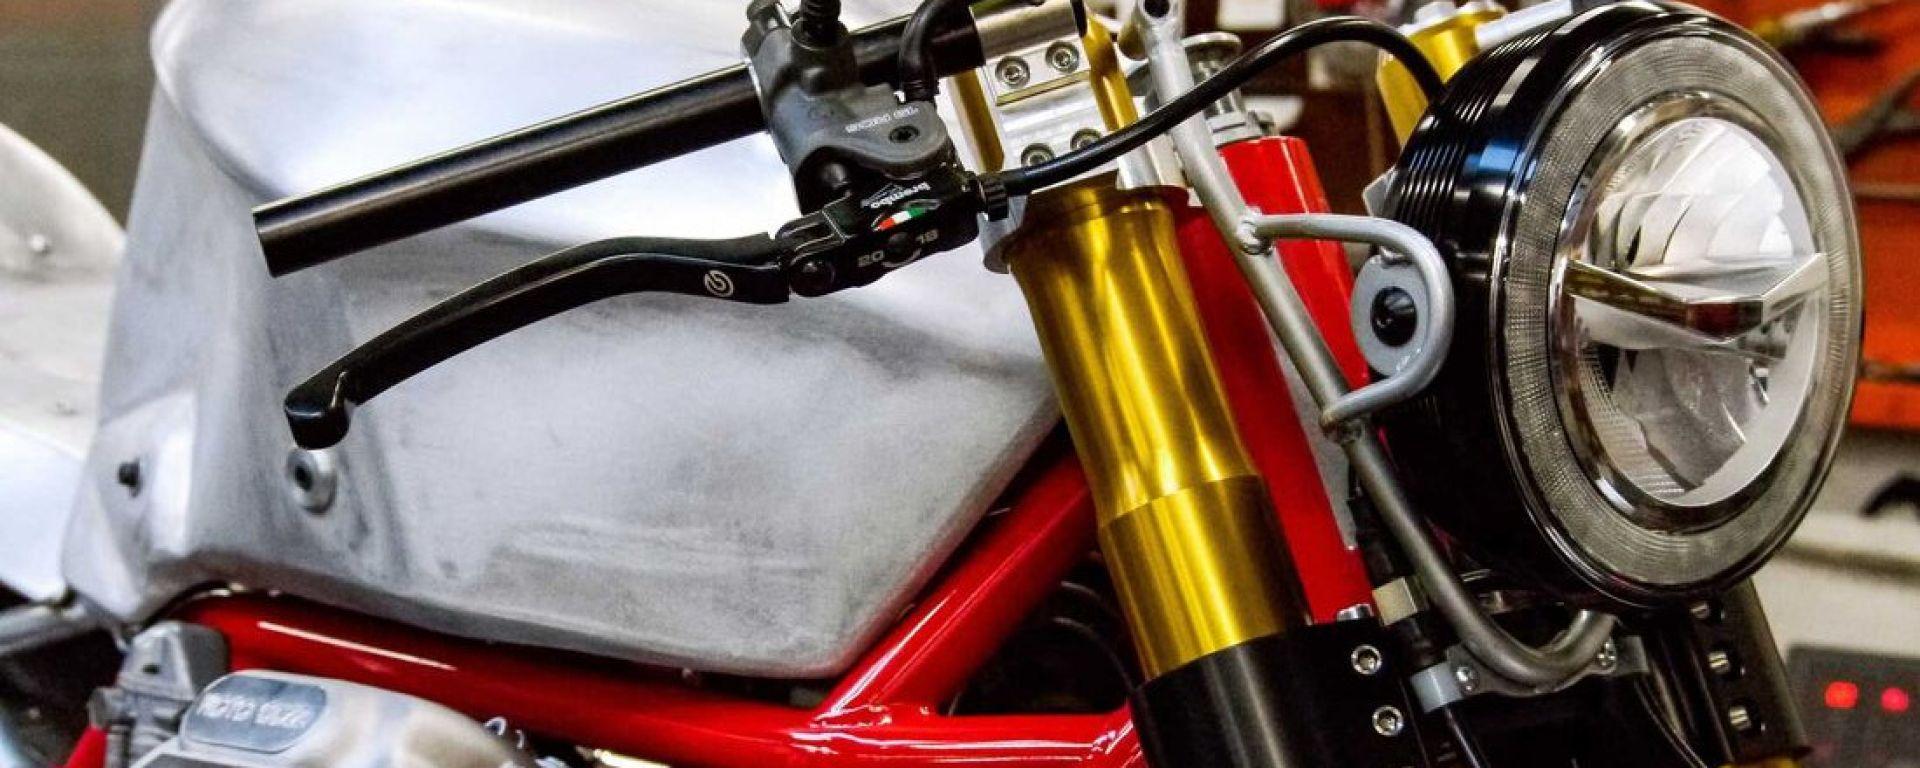 GCorse Classic 992: il motore della Moto Guzzi 850 Le Mans nella special dei fratelli Guareschi